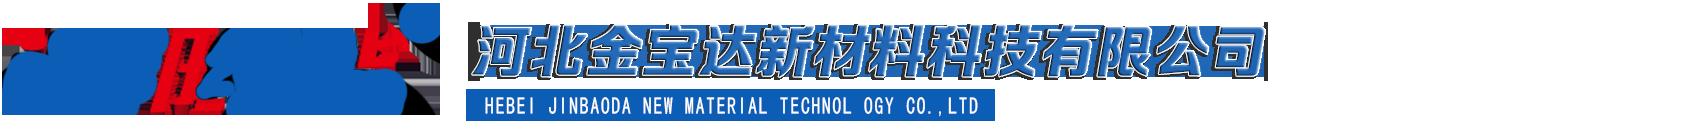 河北金宝达新材料科技有限公司-